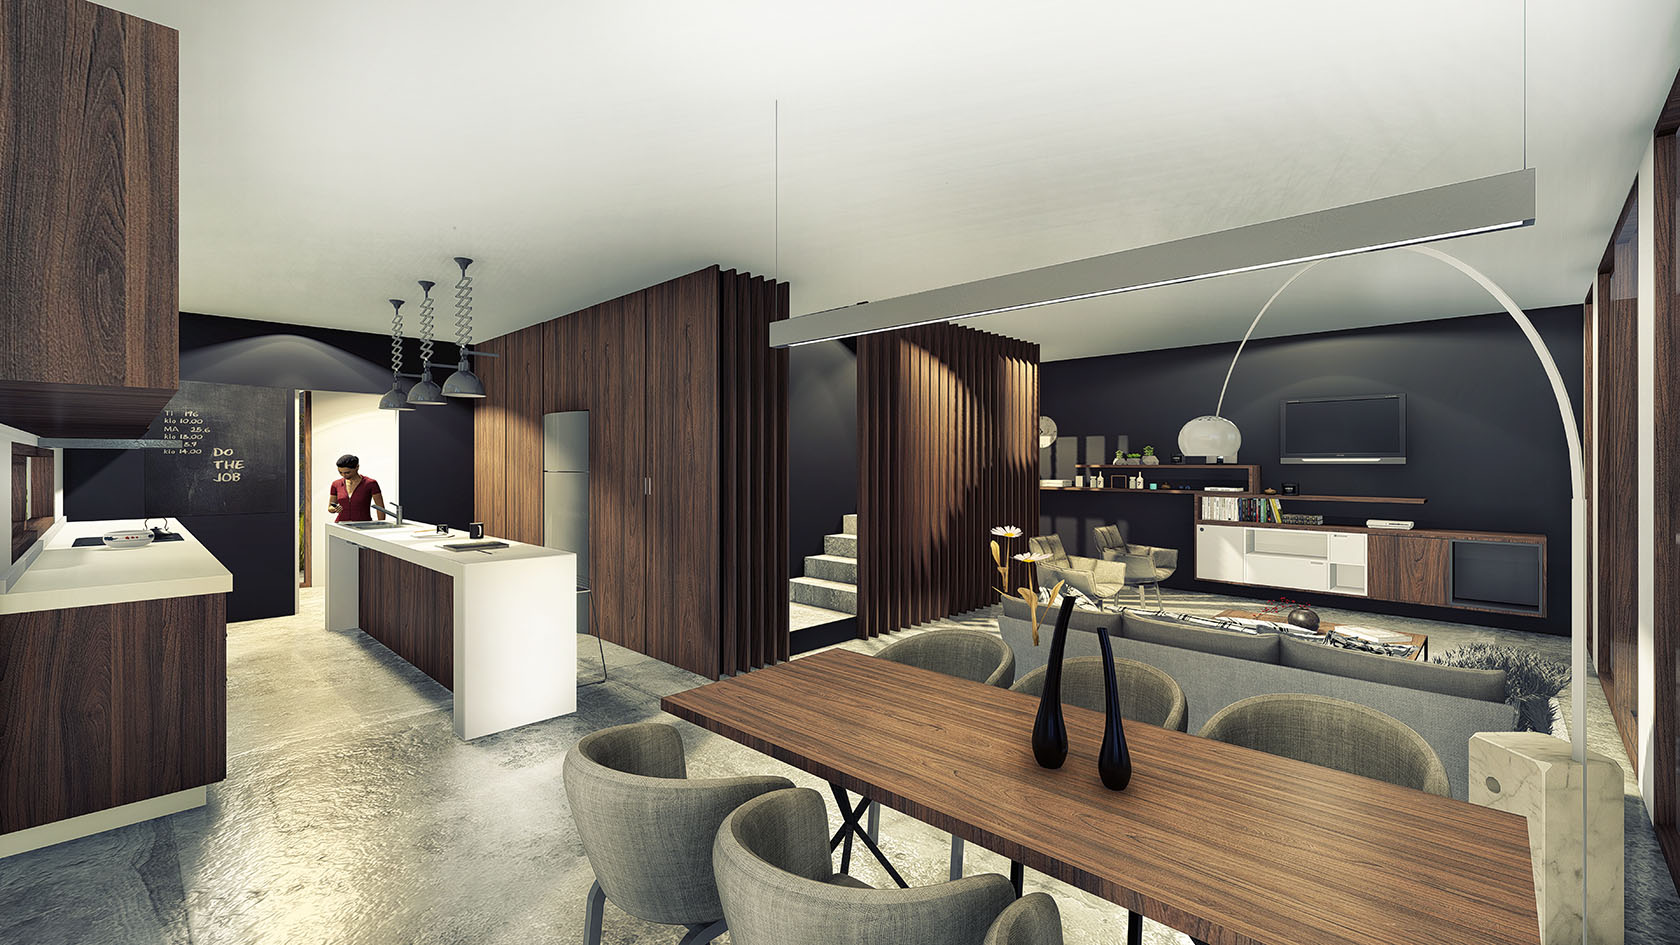 Vista interior comedor, diseño interior de casas, interiores modernos con madera